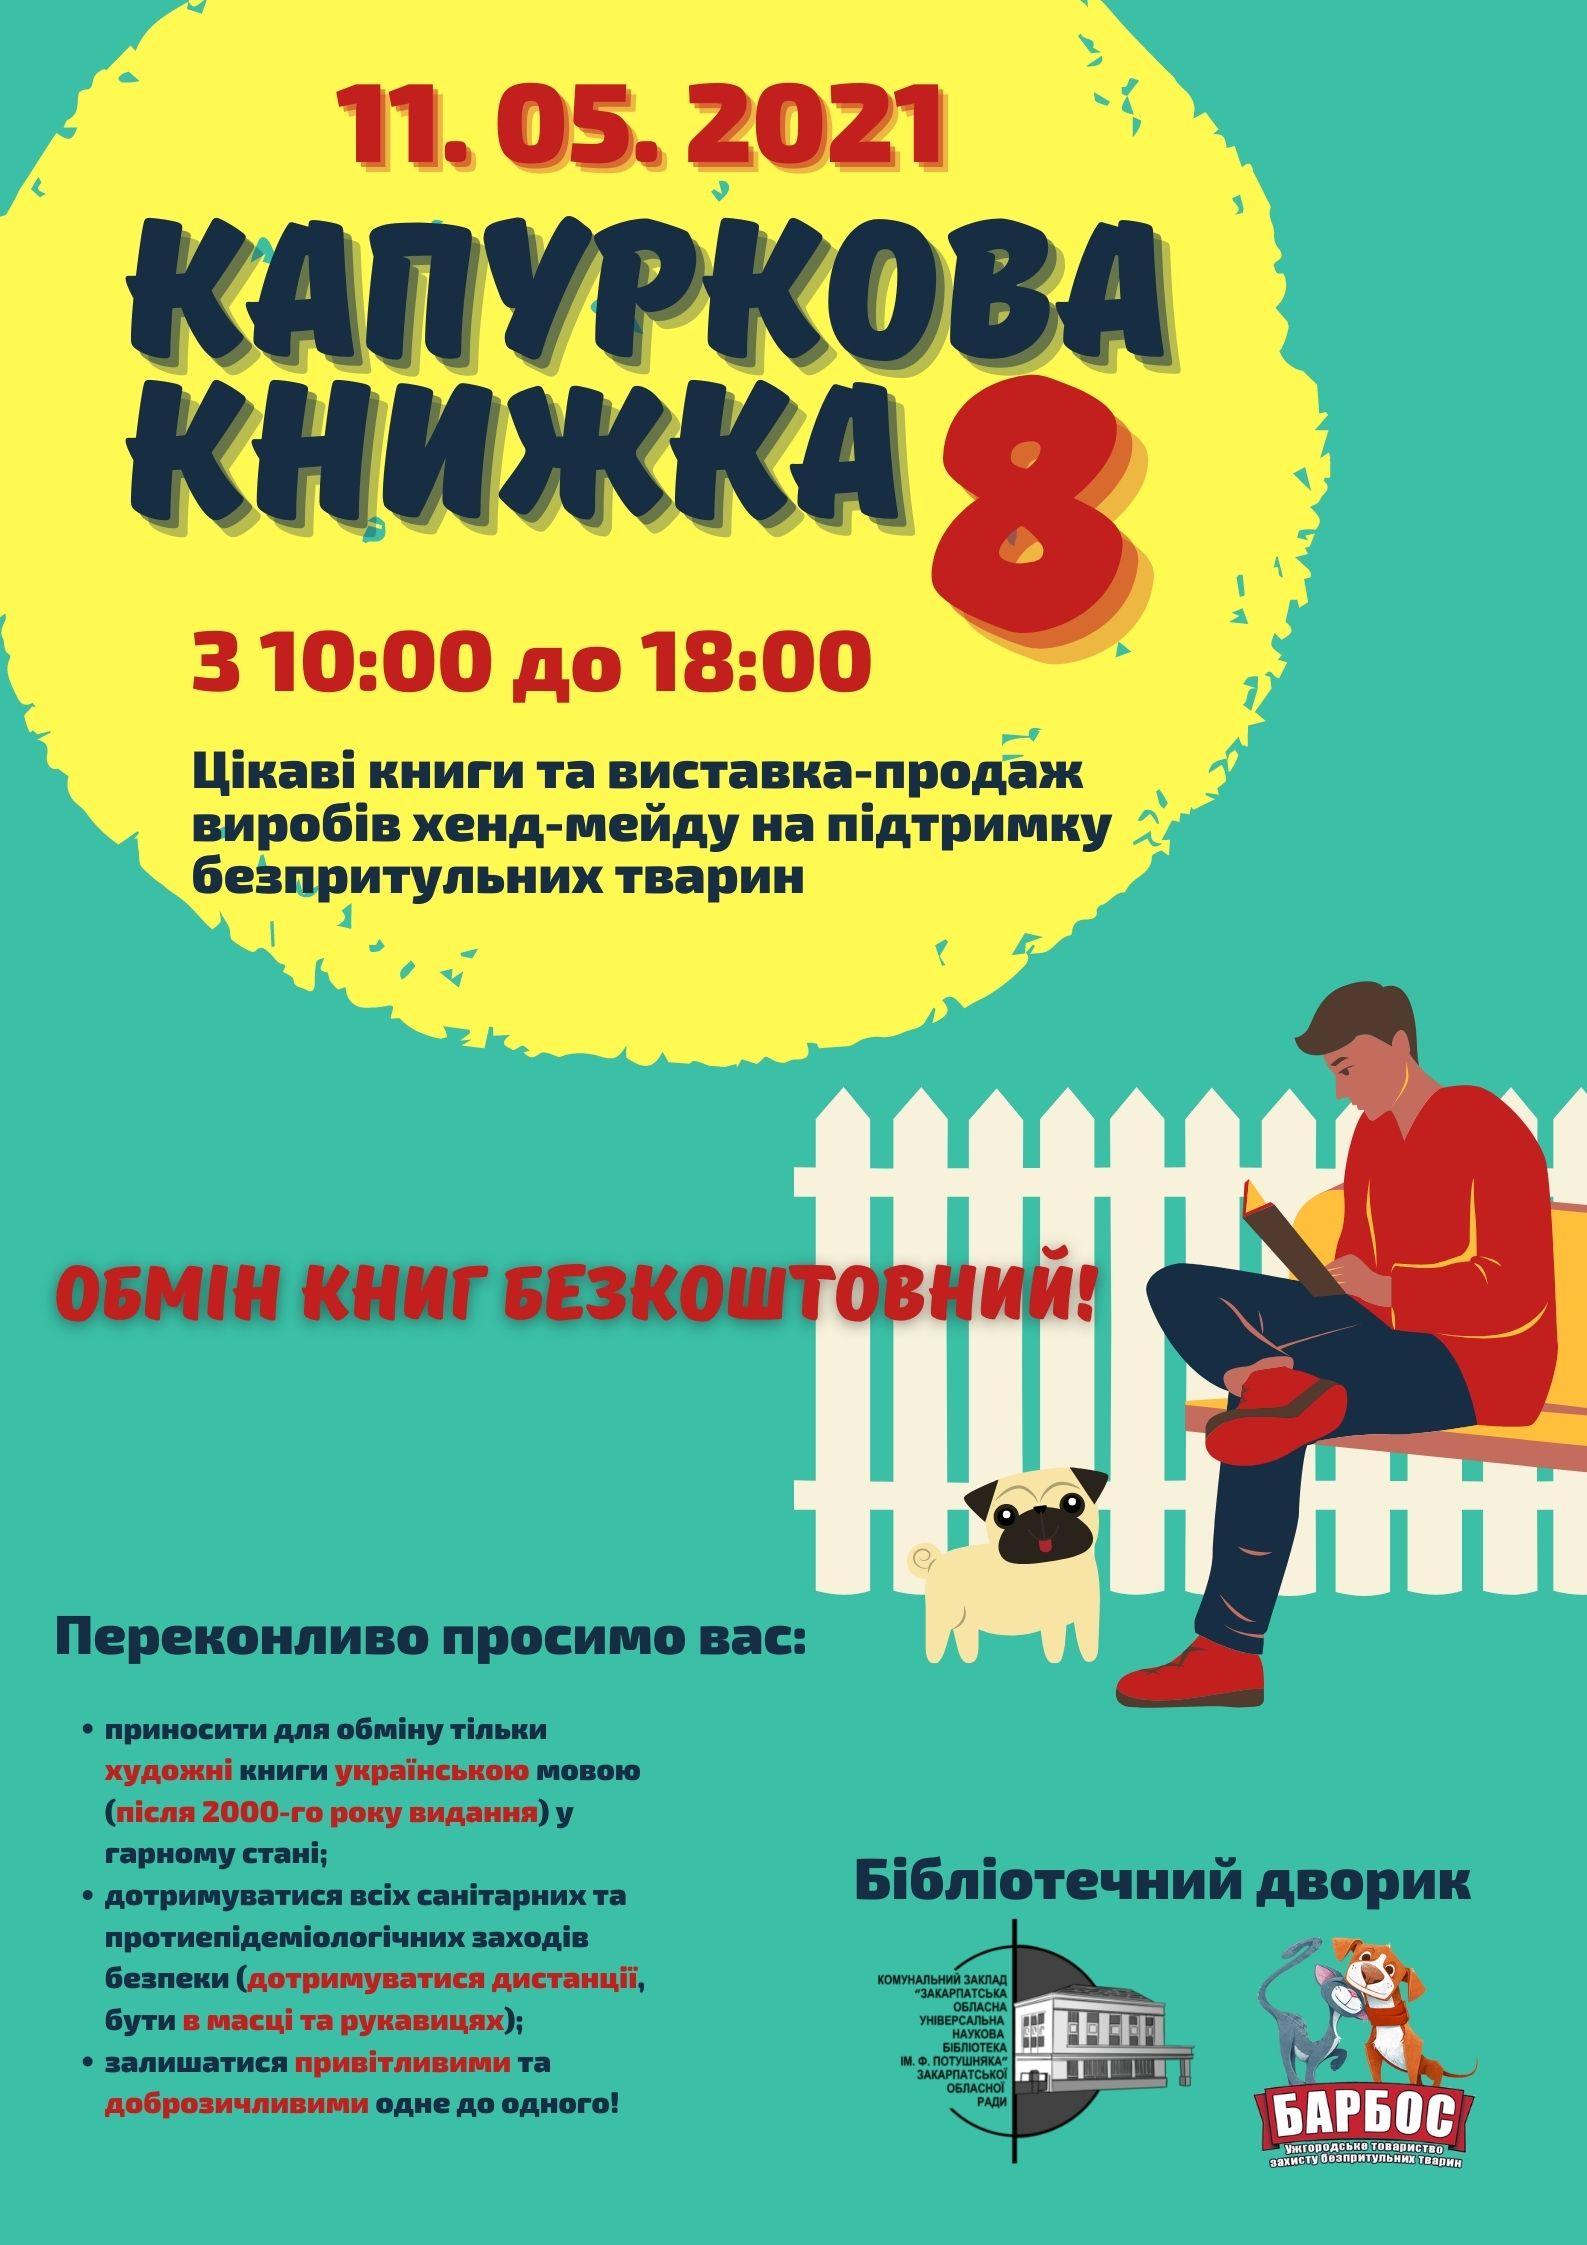 """В Ужгороді відбудеться восьма """"Капуркова книжка"""" в обласній бібліотеці (АНОНС)"""